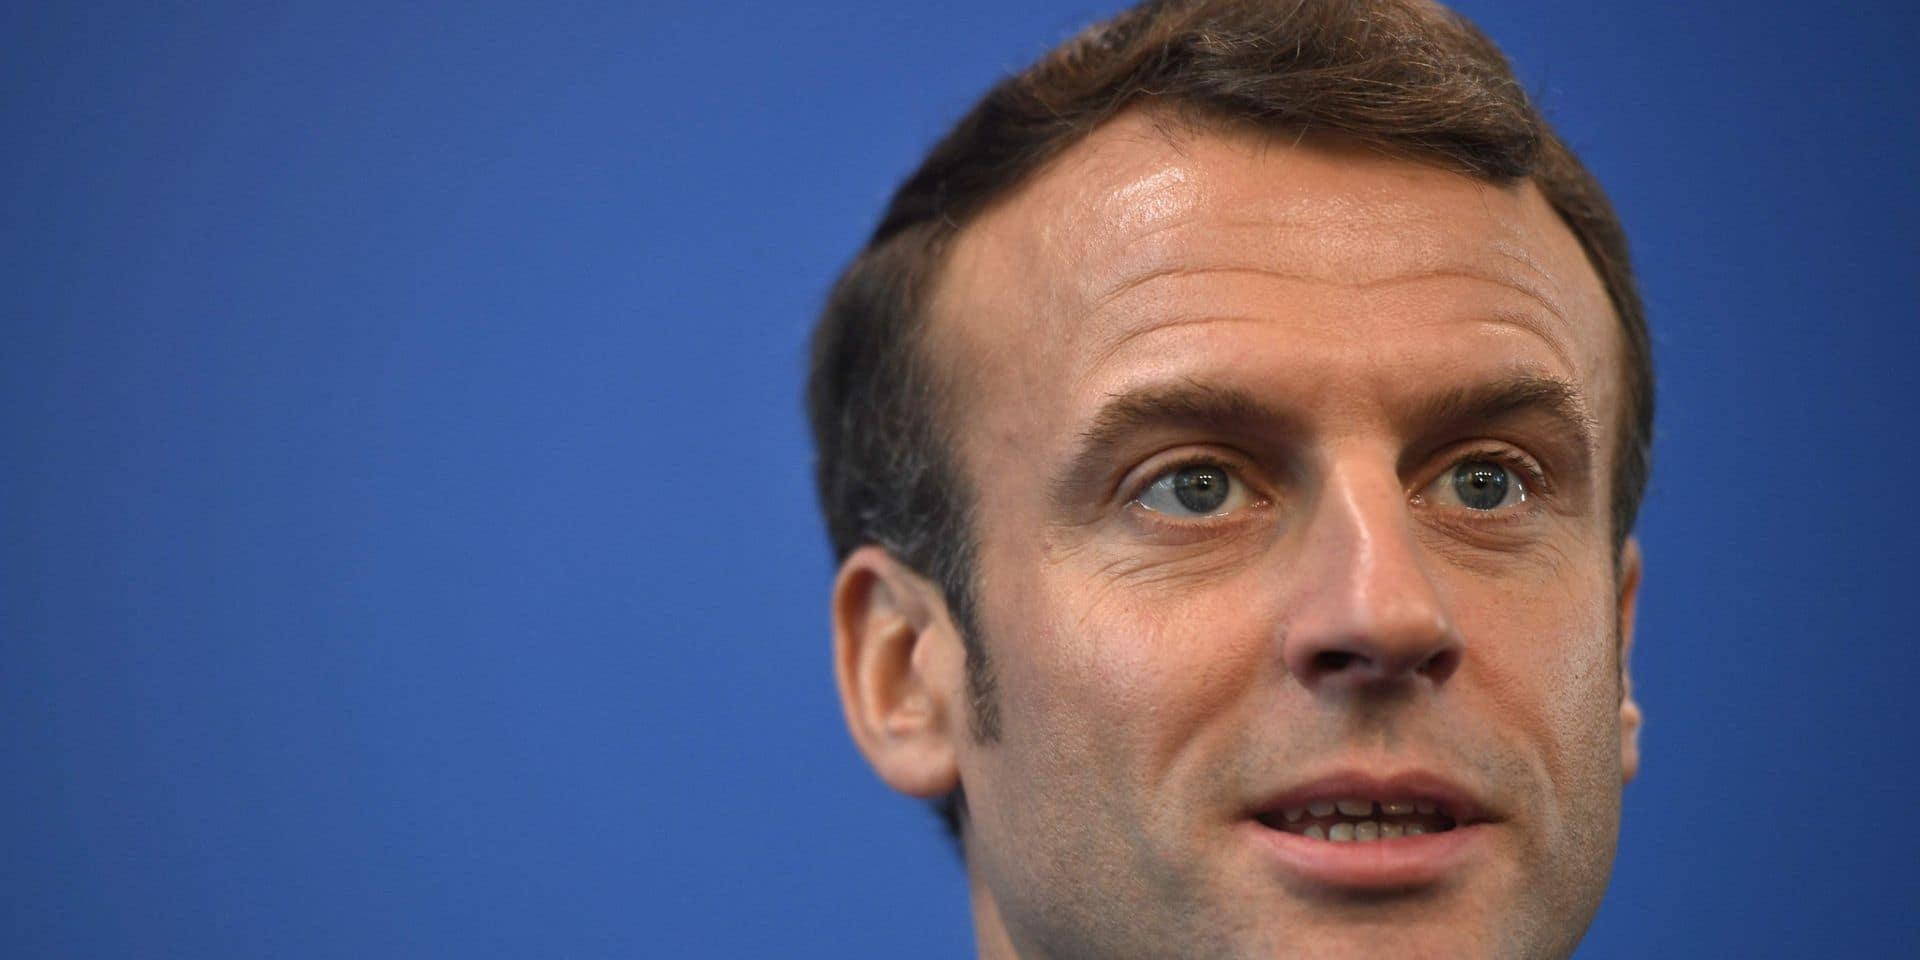 La réforme des retraites de Macron met la France à l'arrêt